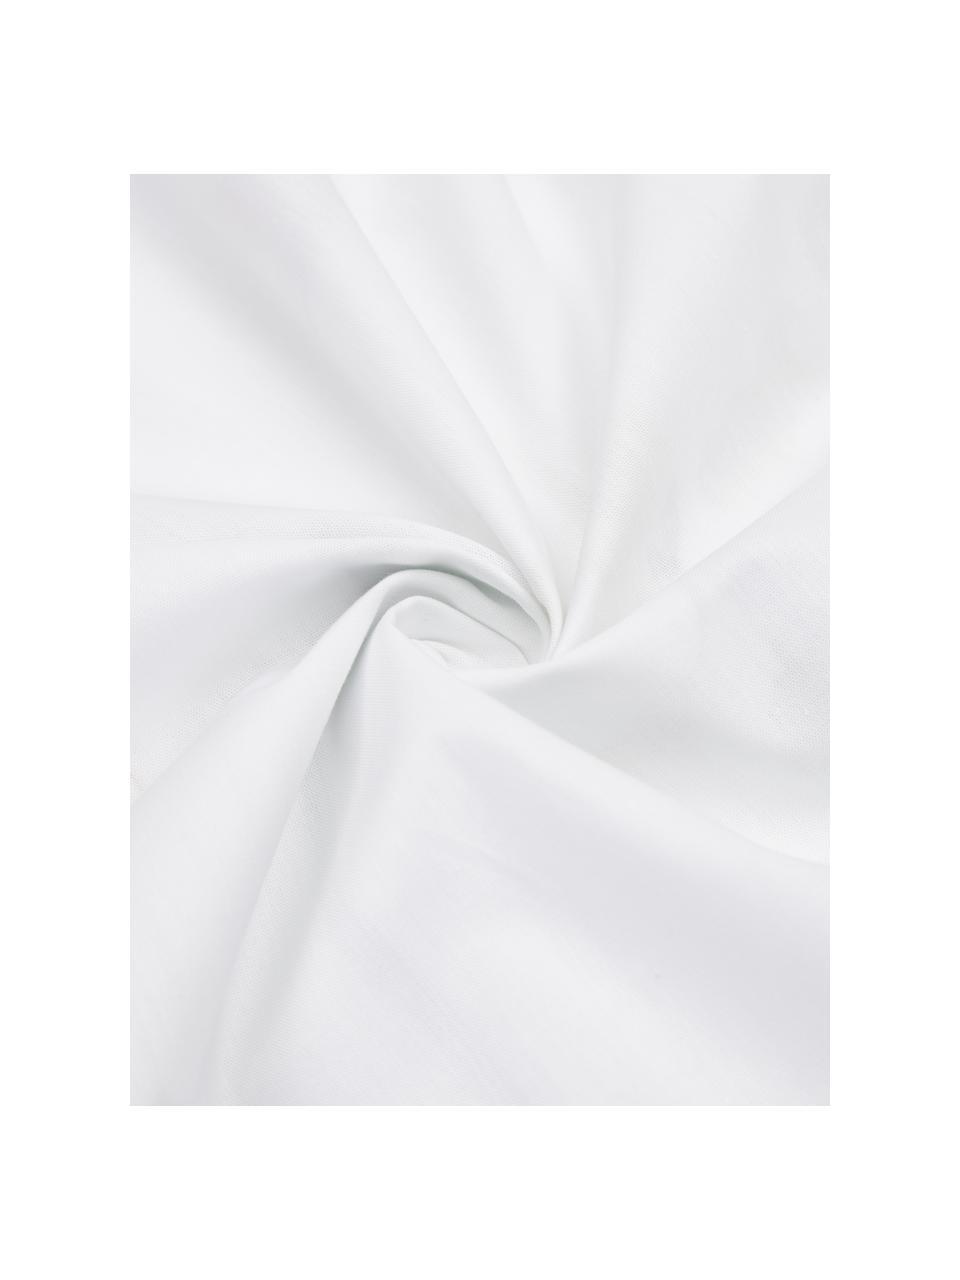 Pościel z perkalu Meadow, Wielobarwny, biały, 240 x 220 cm